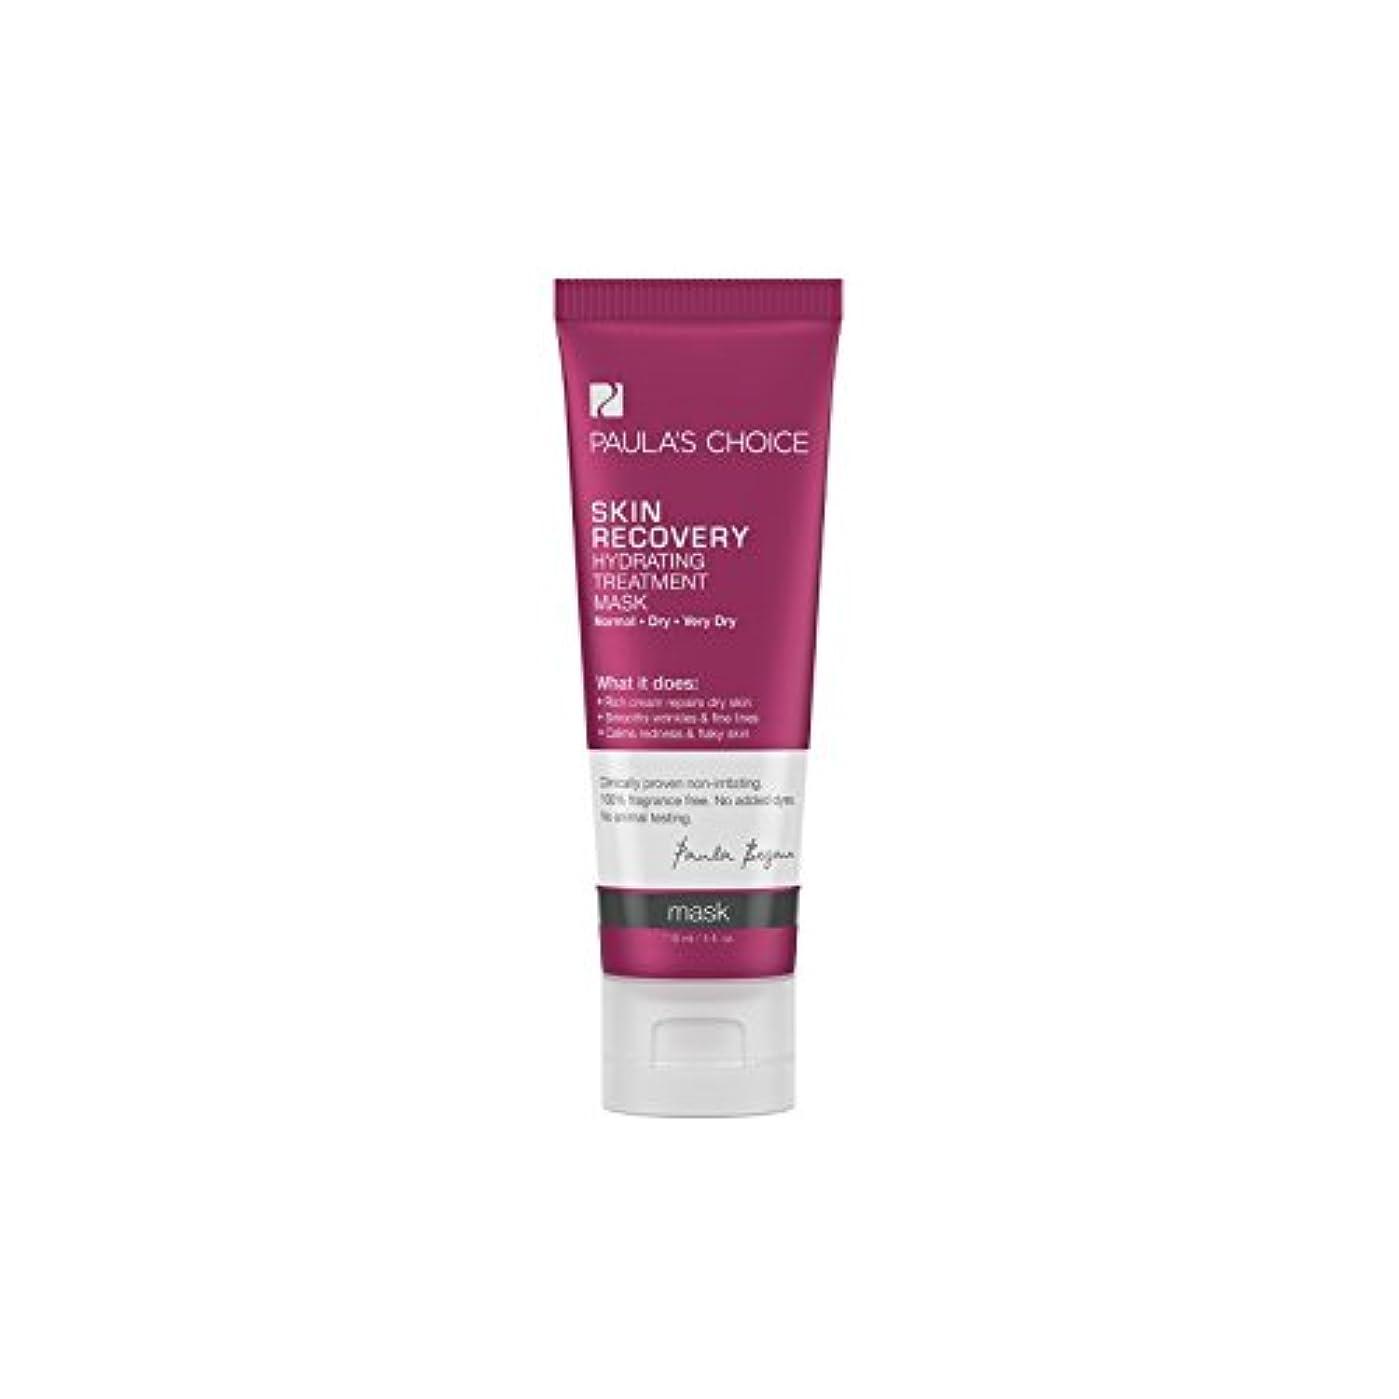 ハント郵便屋さん出口Paula's Choice Skin Recovery Hydrating Treatment Mask (118ml) (Pack of 6) - ポーラチョイスの肌の回復水和処理マスク(118ミリリットル) x6...